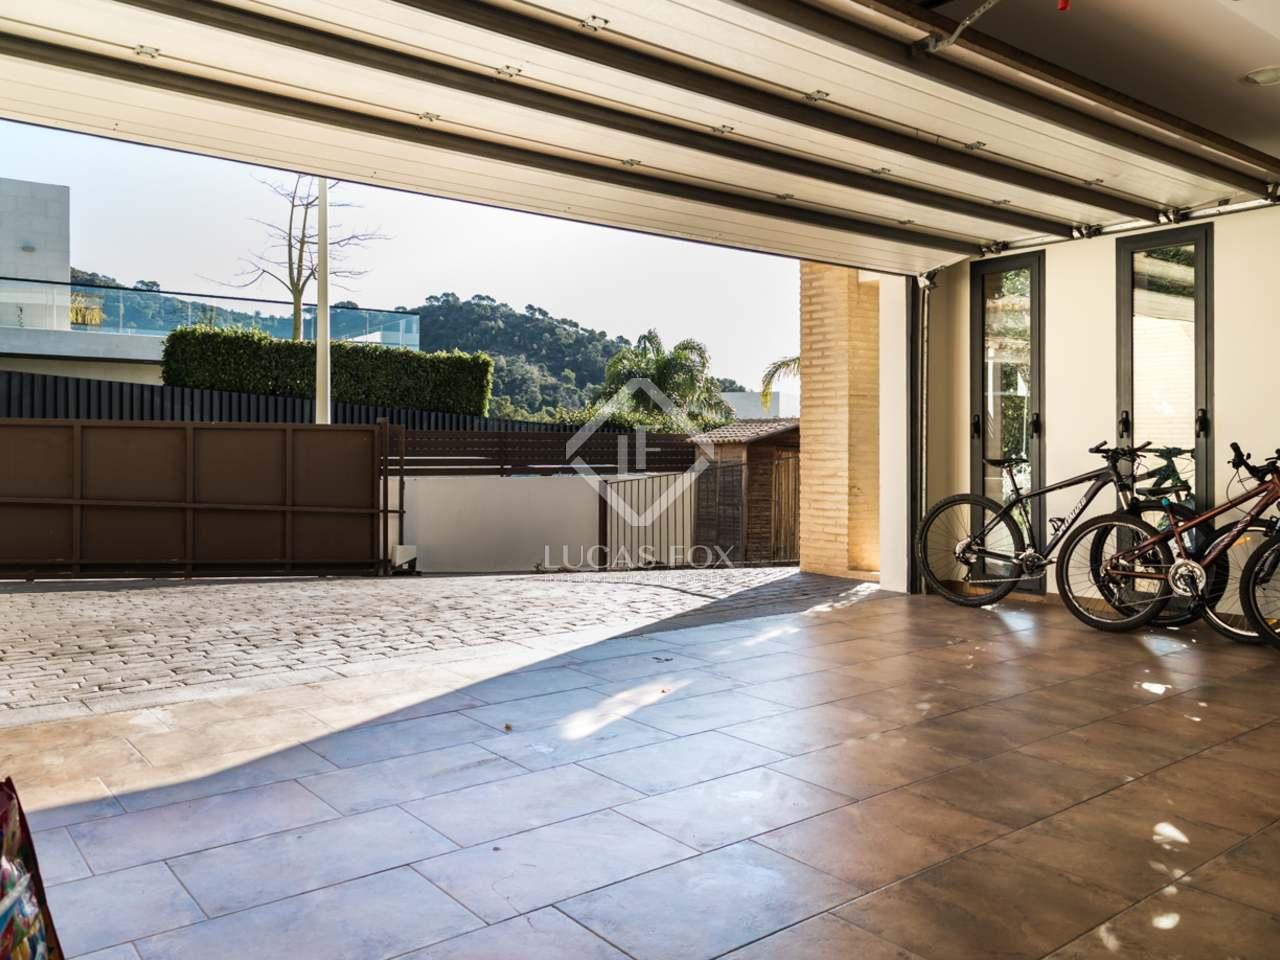 Maison villa de 425m a vendre puzol avec 300m de jardin for Jardin anglais caracteristiques